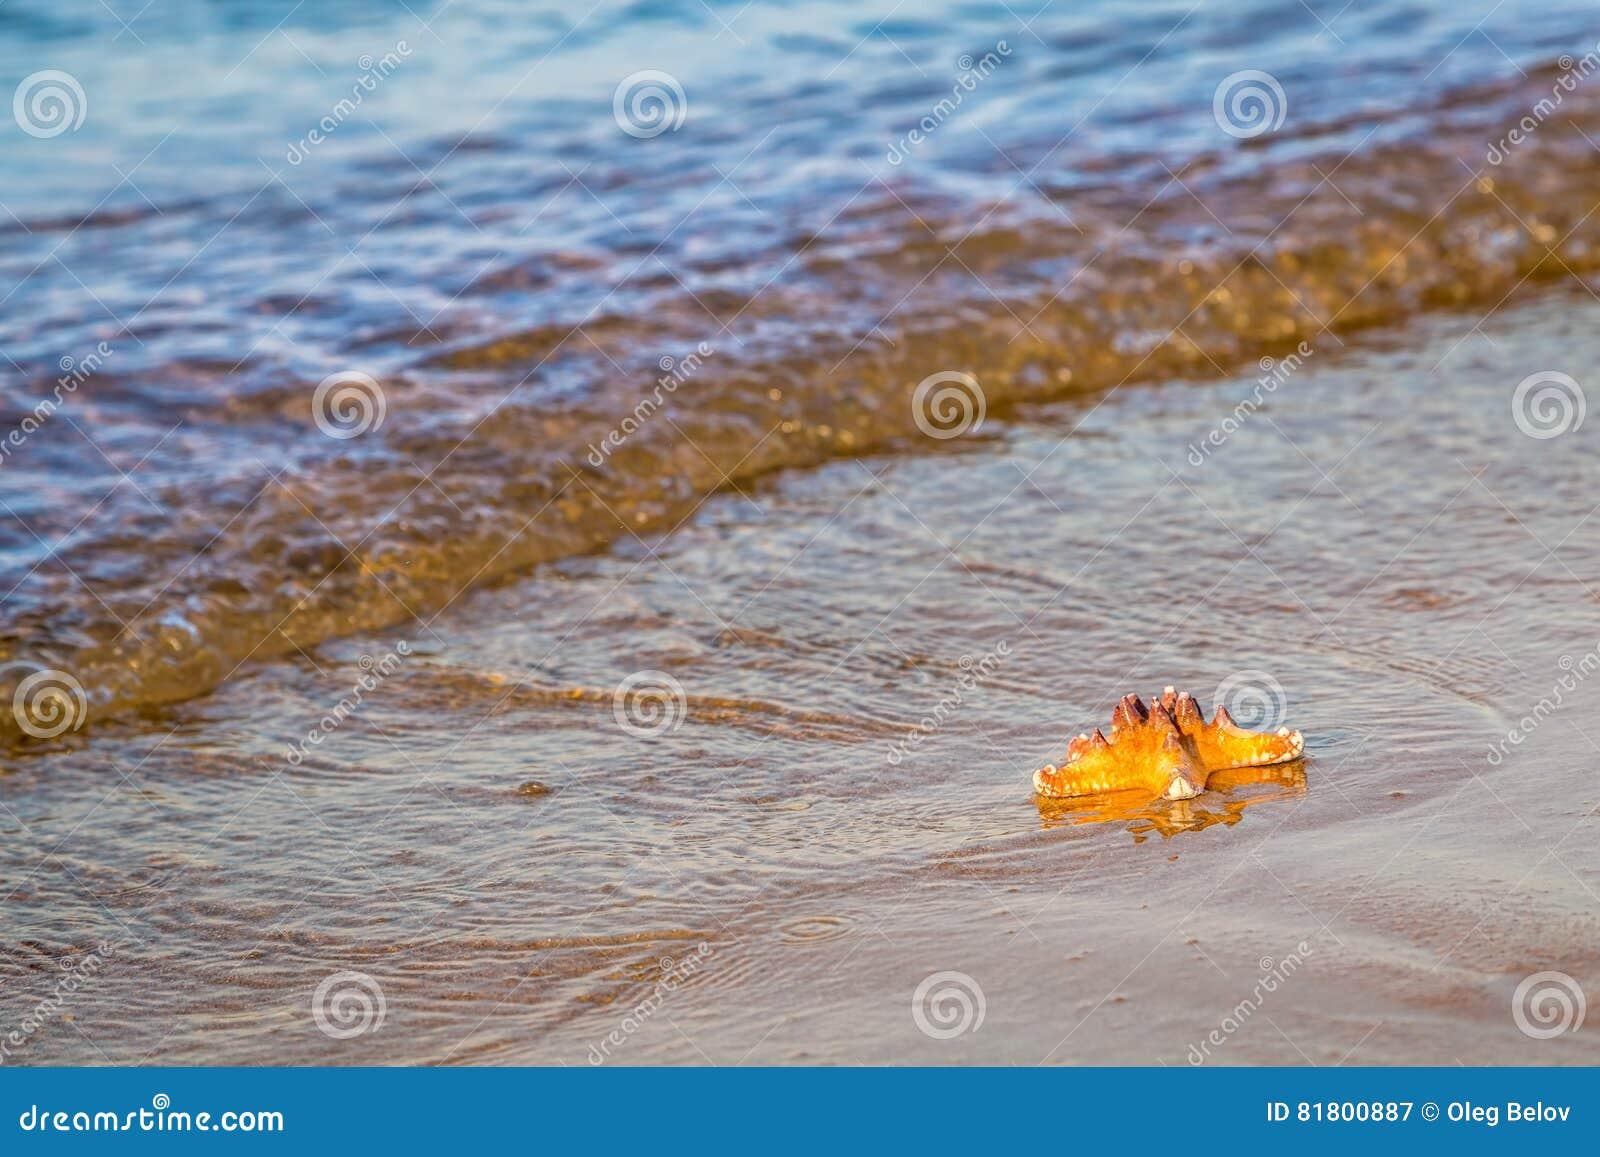 Морская звёзда лежит на влажном песке на пляже